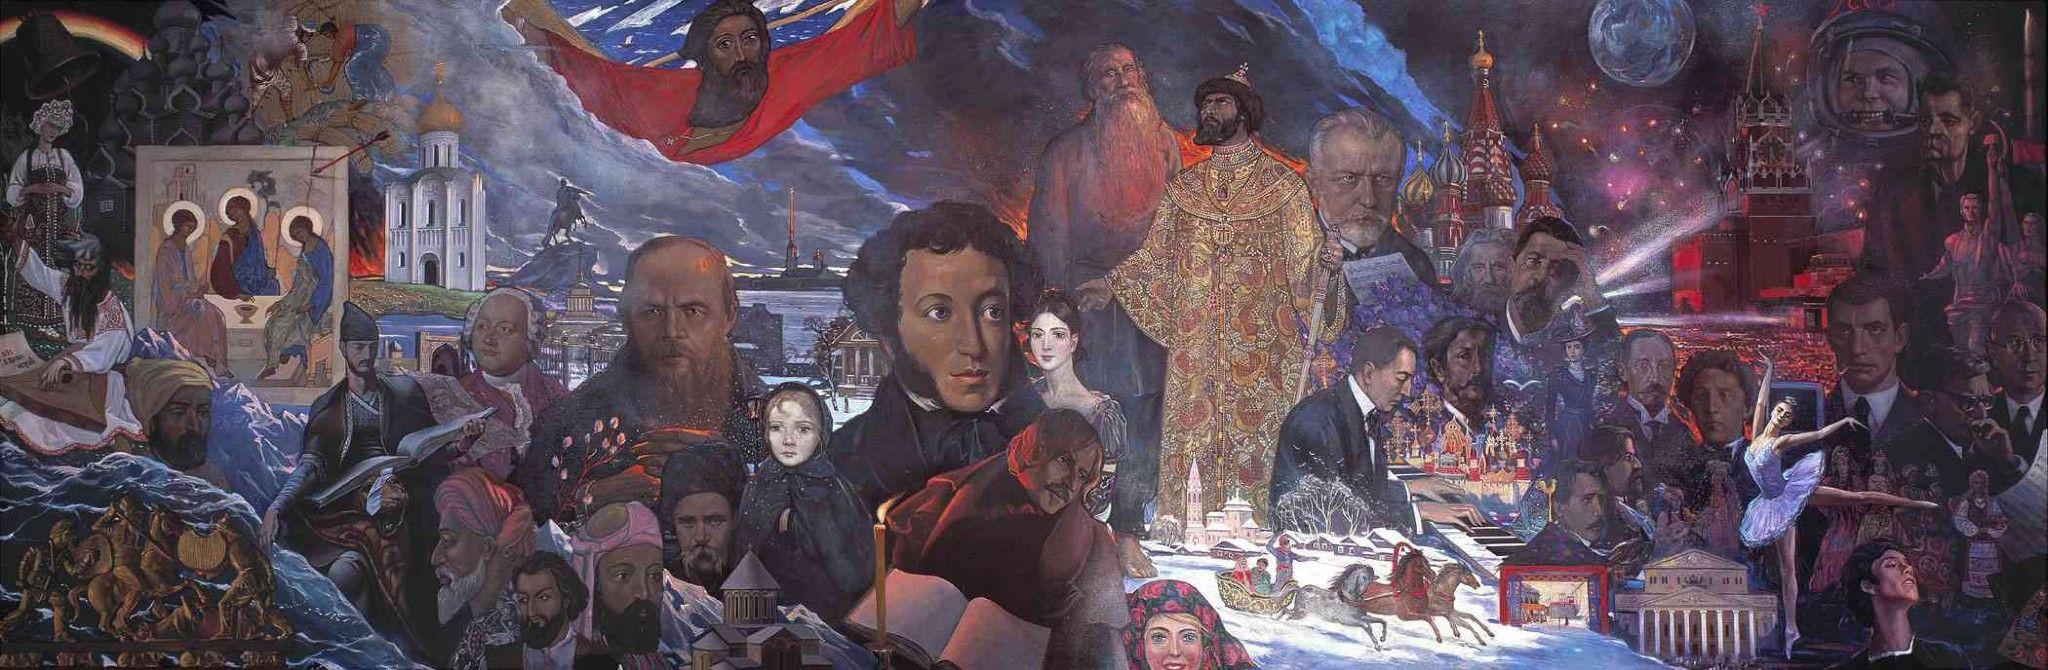 Илья Глазунов - Вклад народов нашей страны в мировую культуру и цивилизацию , 1980